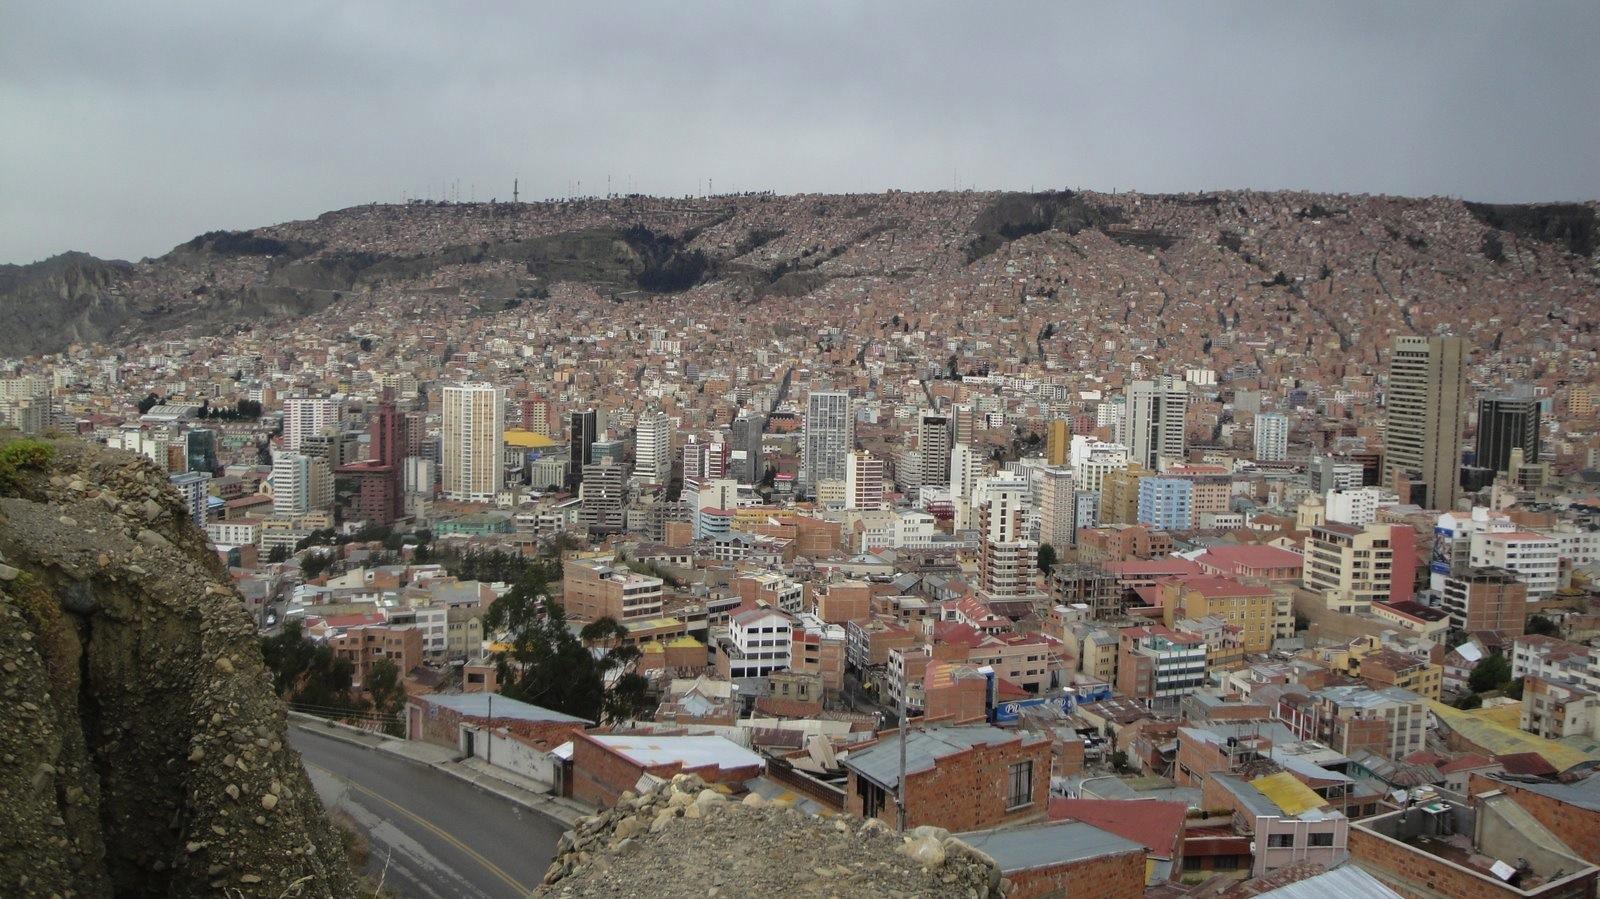 La Paz - durchschnittlich auf 3900m ü.M. klicke zum vergrössern!